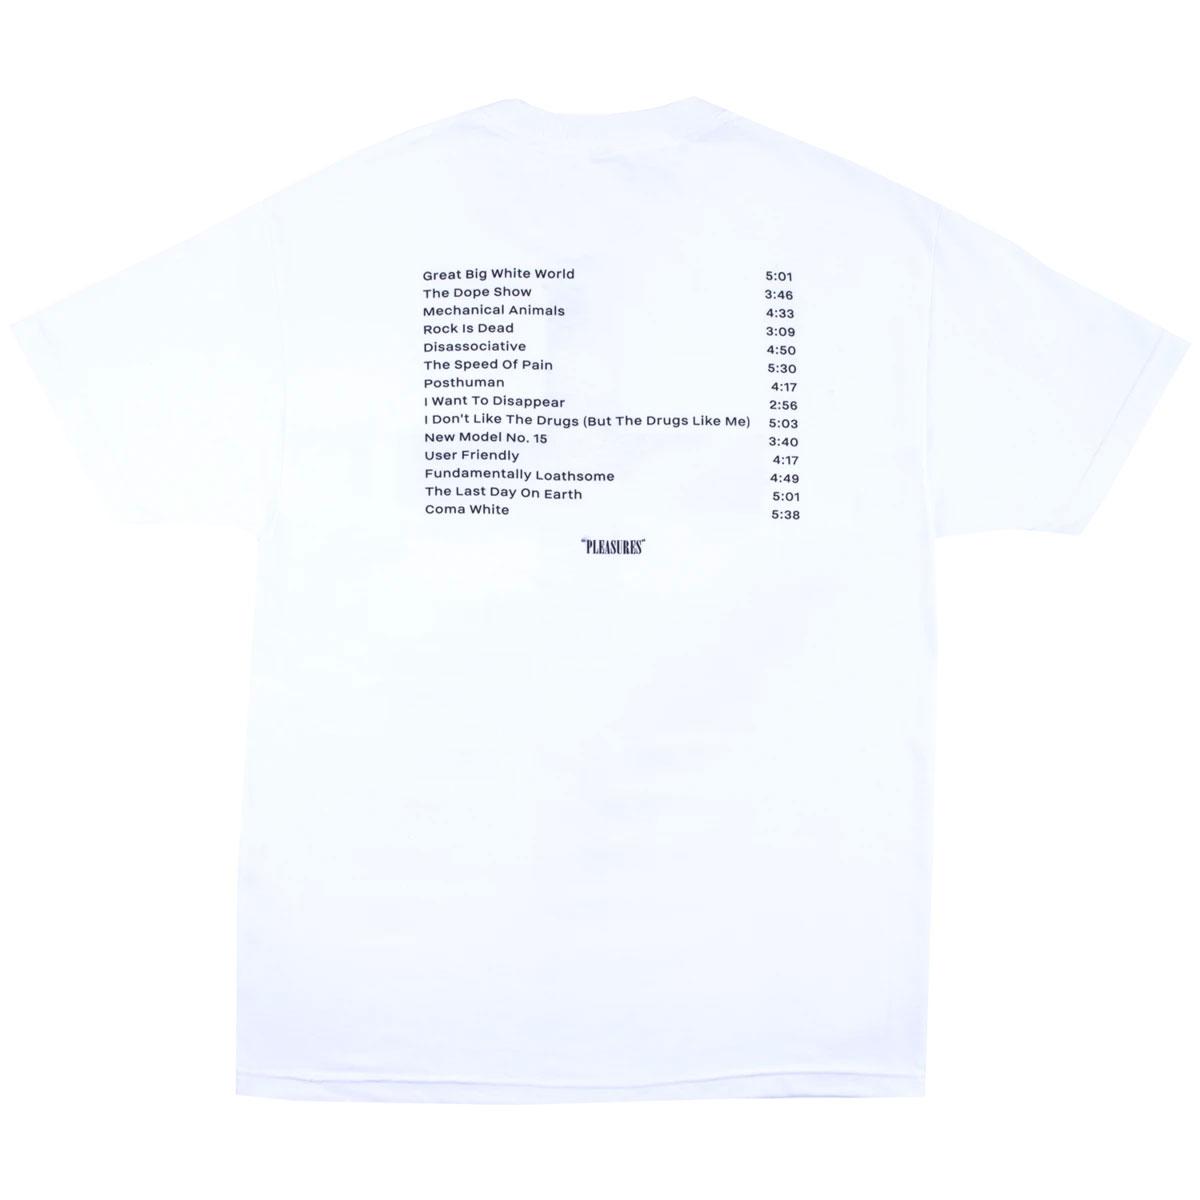 【PLEASURES/プレジャーズ×MARILYN MANSON/マリリン・マンソン】SMELLS T-SHIRT Tシャツ / WHITE